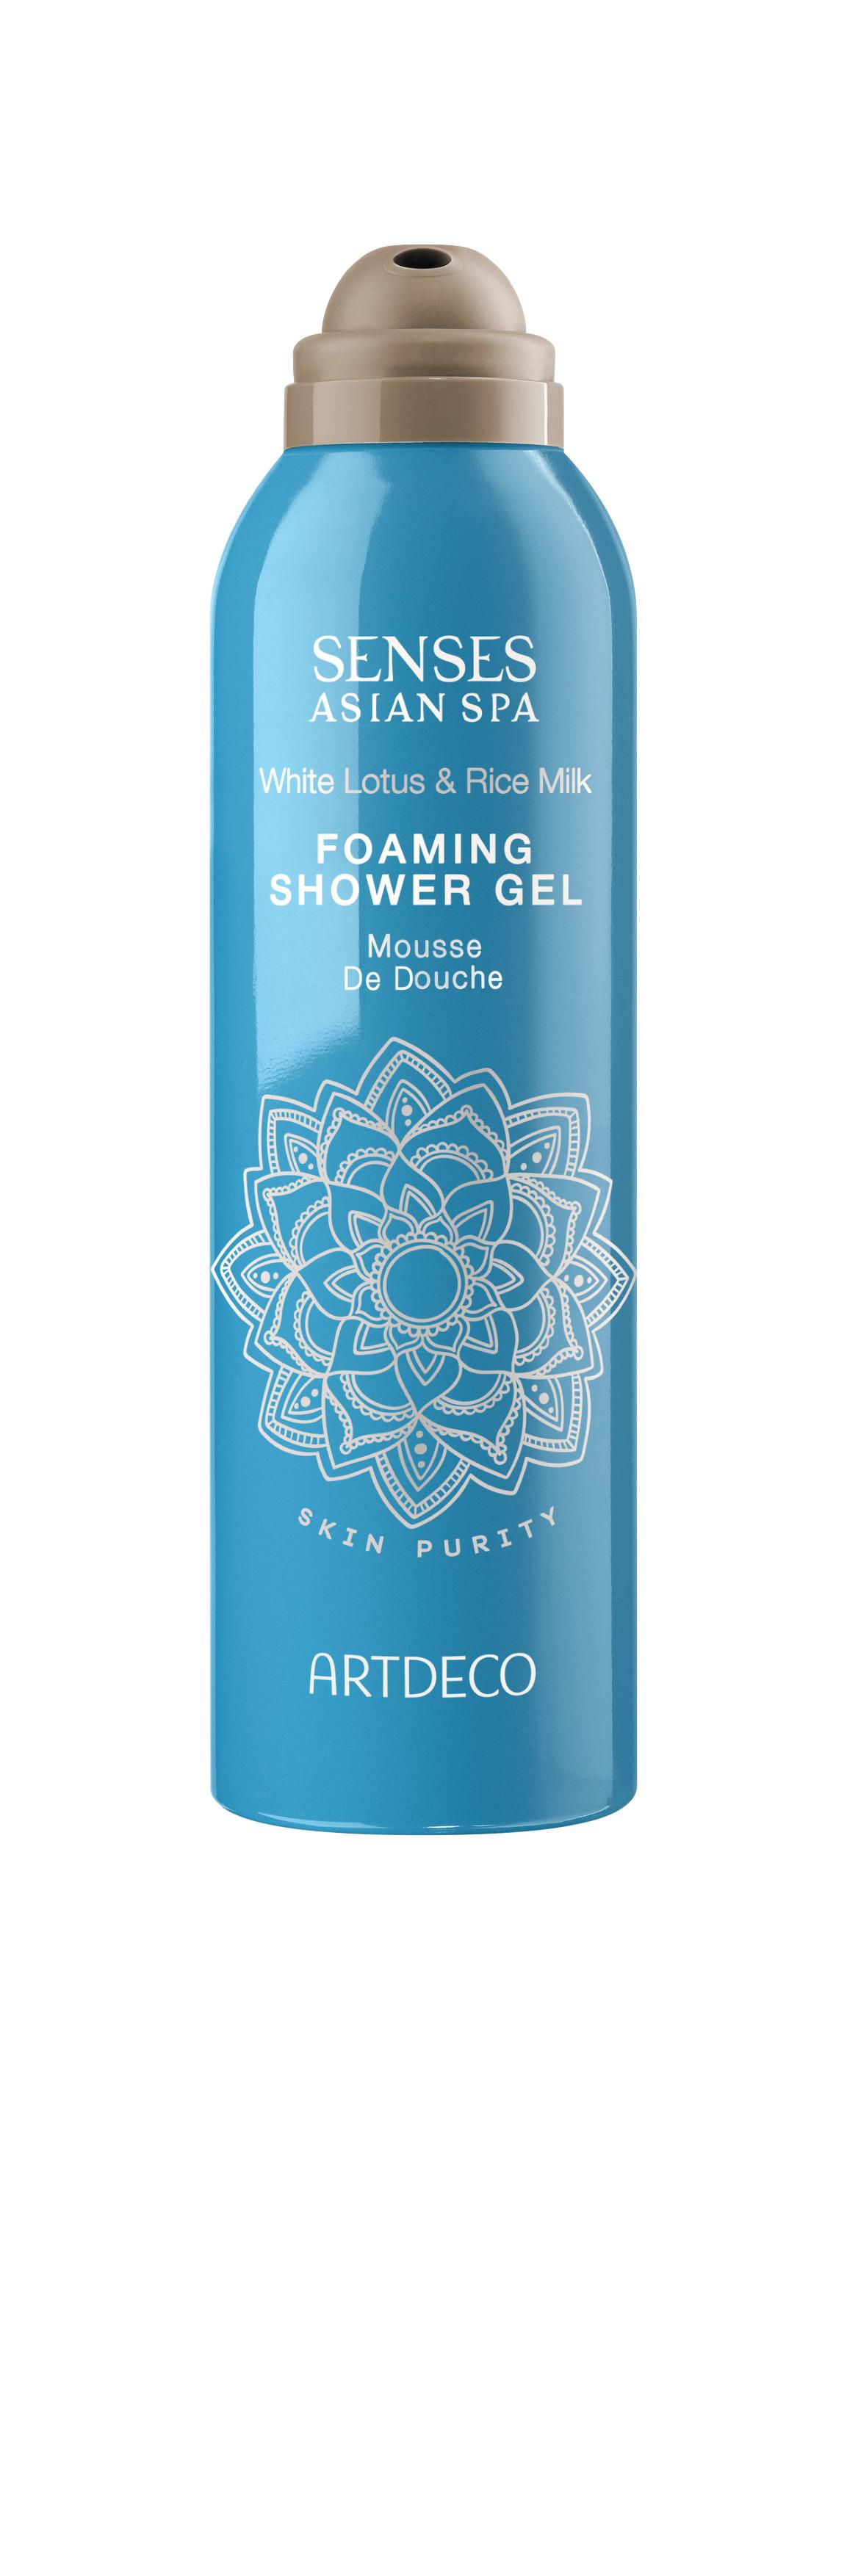 Artdeco гель-пена для душа Foaming shower gel, skin purity, 200 мл72523WDНежно очищает кожуУвлажняет и освежаетПри контакте с водой превращается в воздушную пену